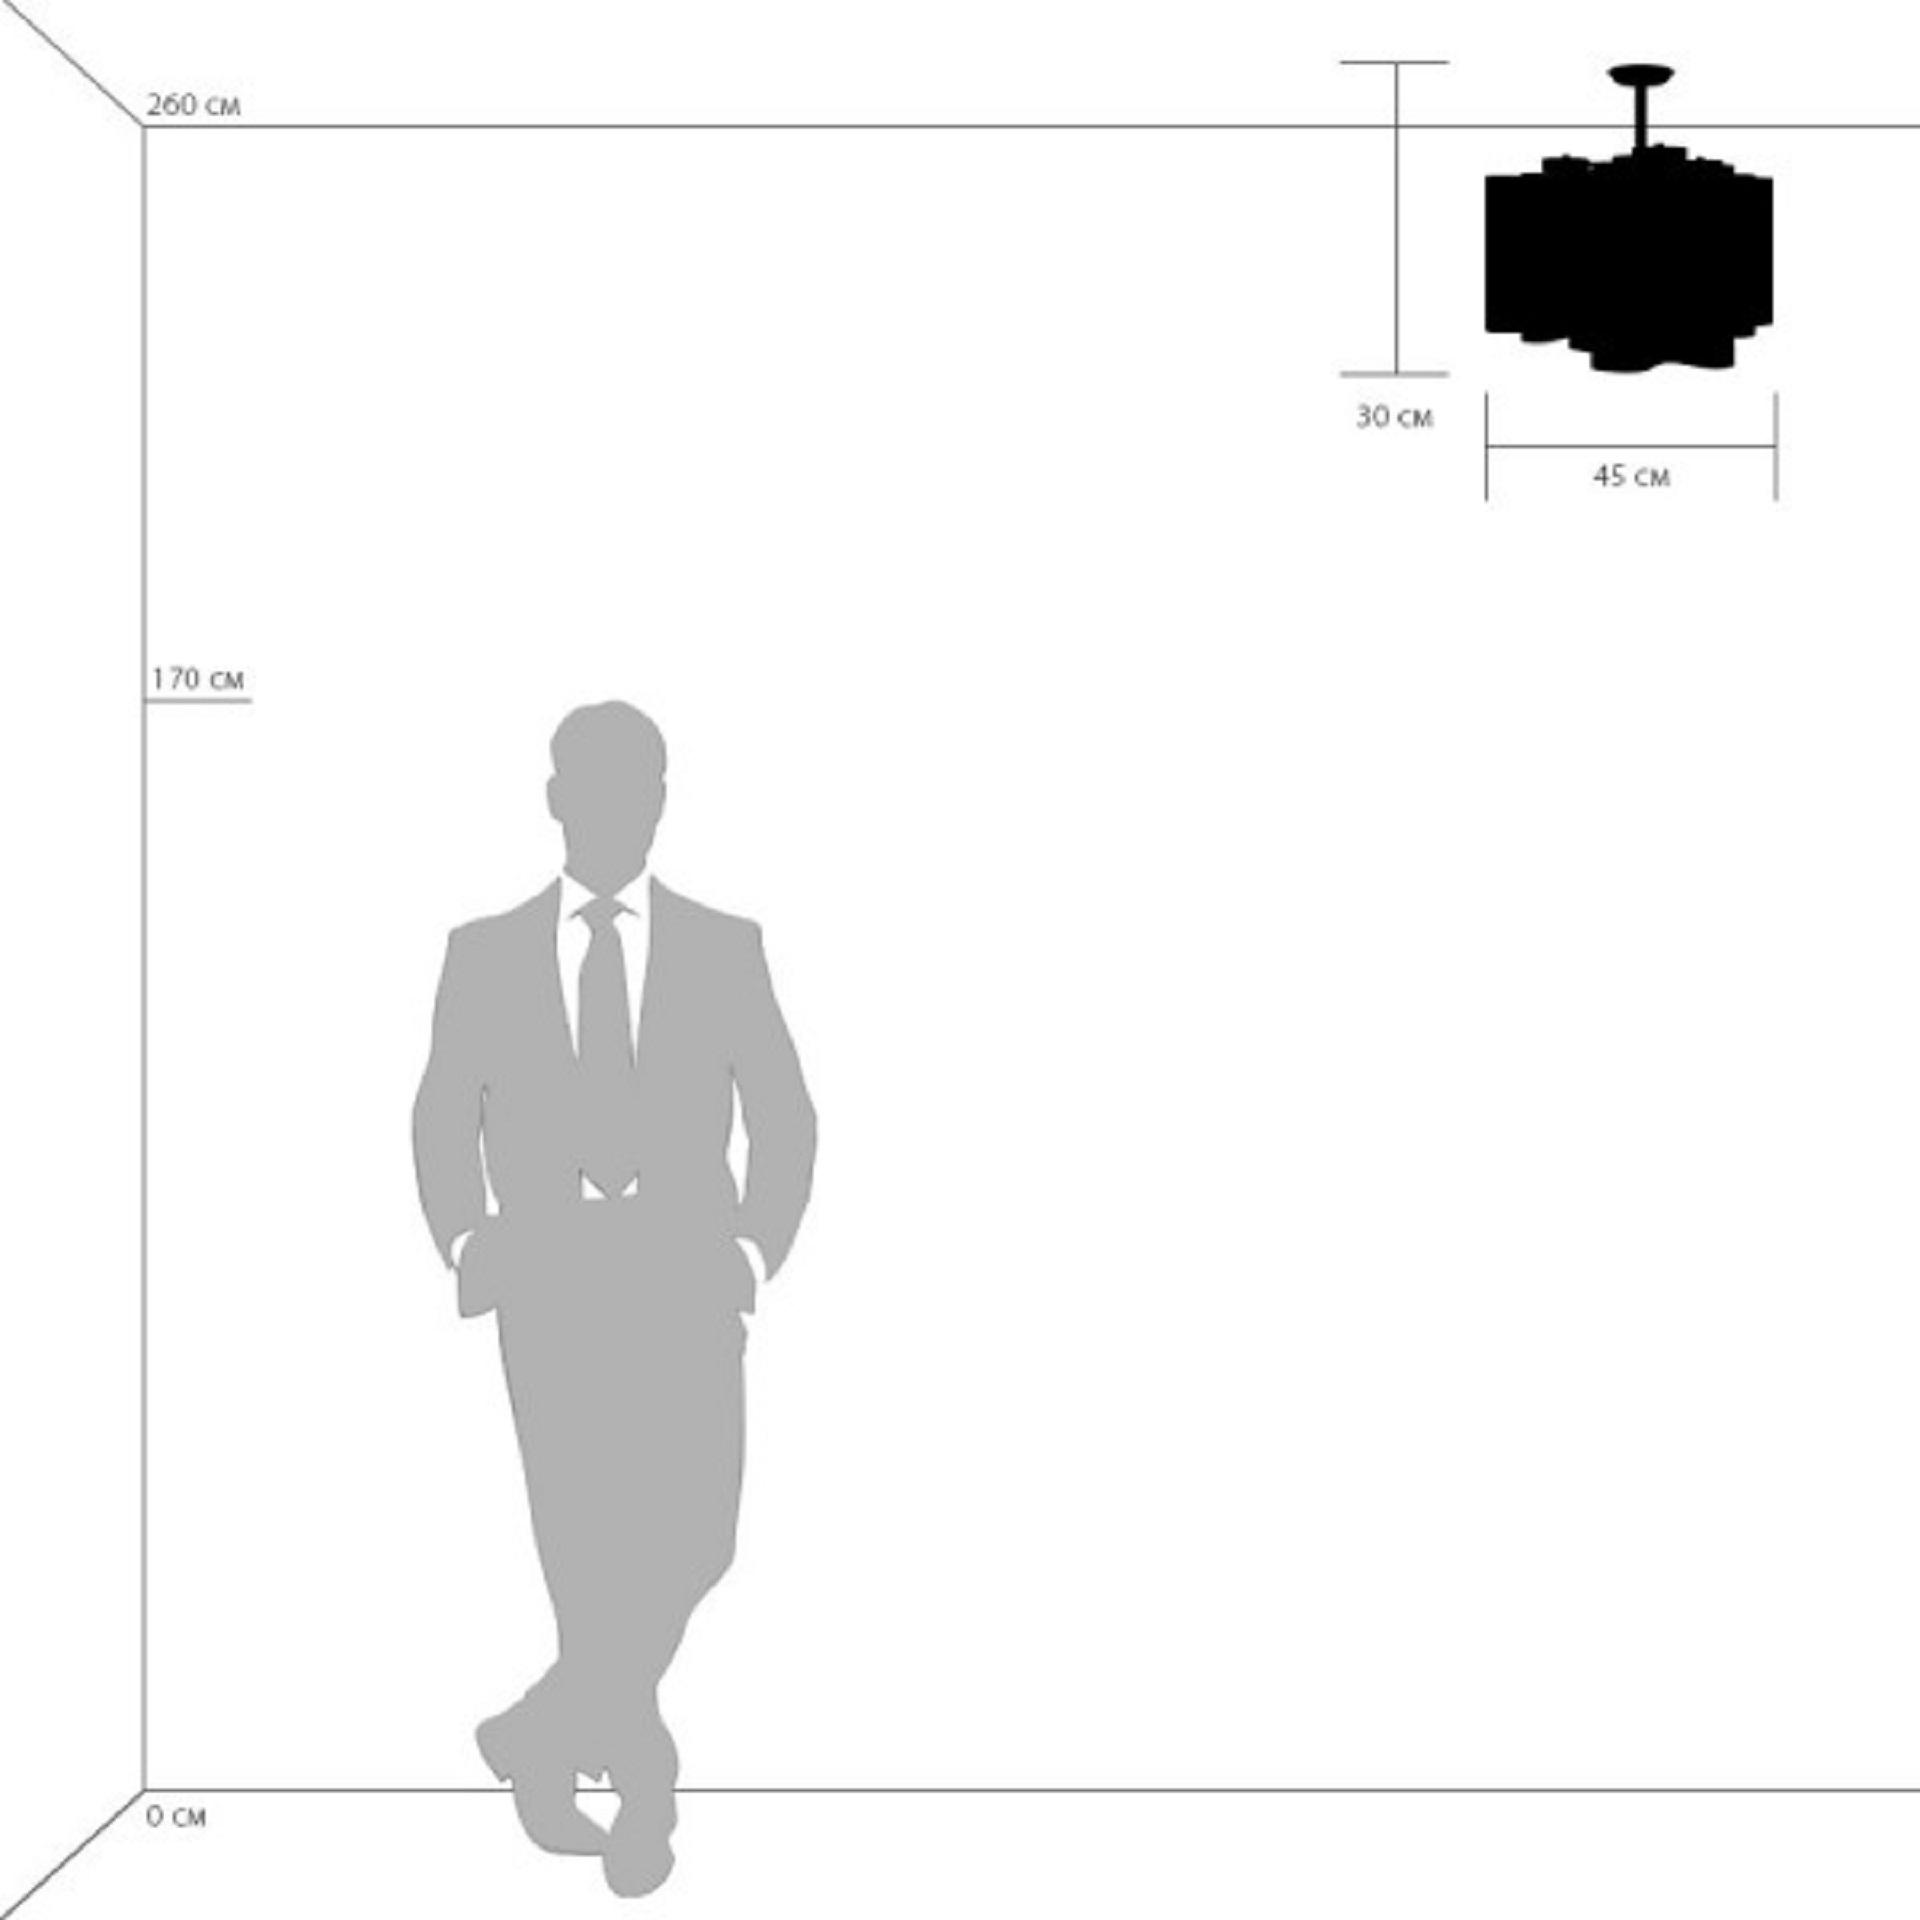 Люстра потолочная NUBI Legno 3x40W E27 светлое дерево / белый Lightstar 802035, купить в СПб, Москве, с доставкой, Санкт-Петербург, интернет-магазин люстр и светильников Starlight, фото в жизни